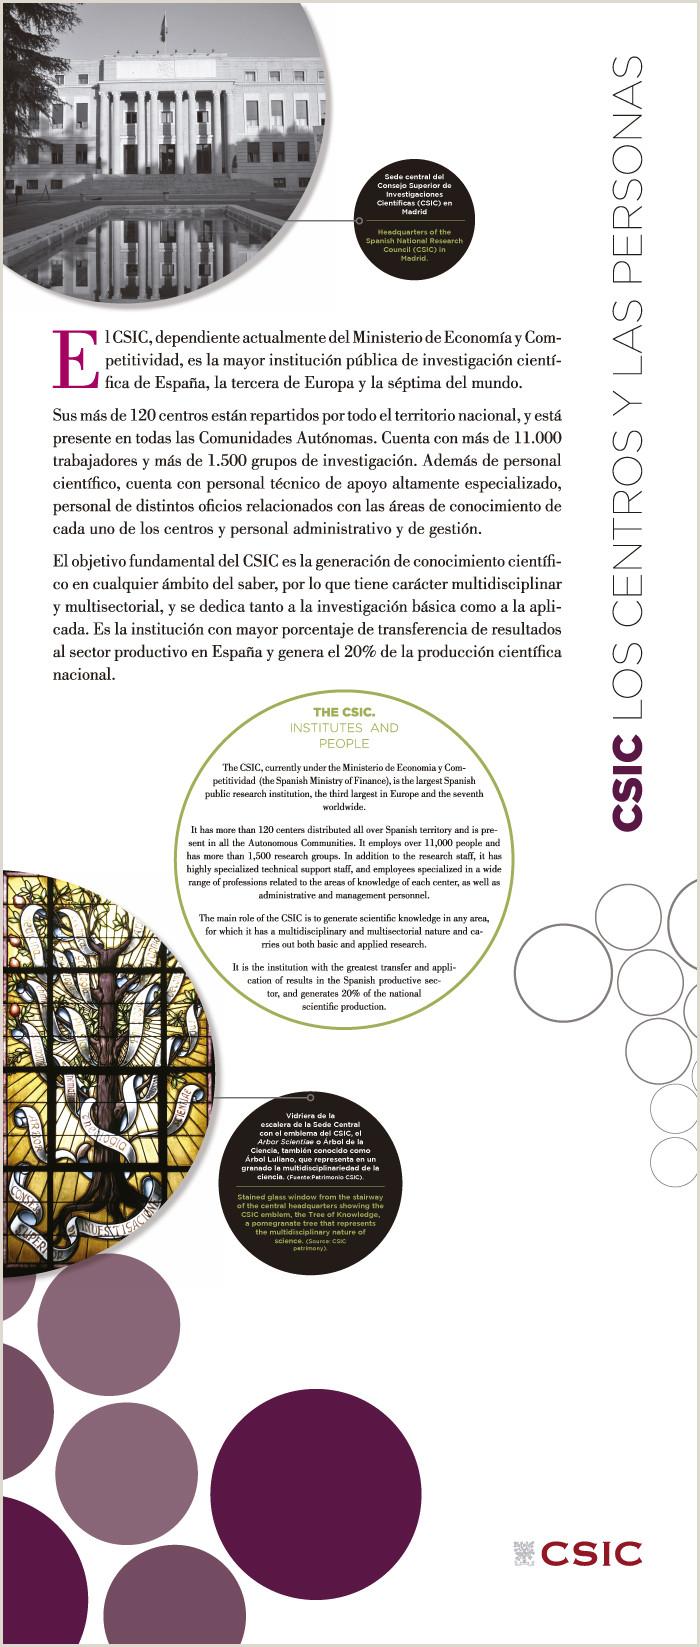 Descargar Hoja De Vida Funcion Publica Persona Natural La Vid El Vino Y El Csic